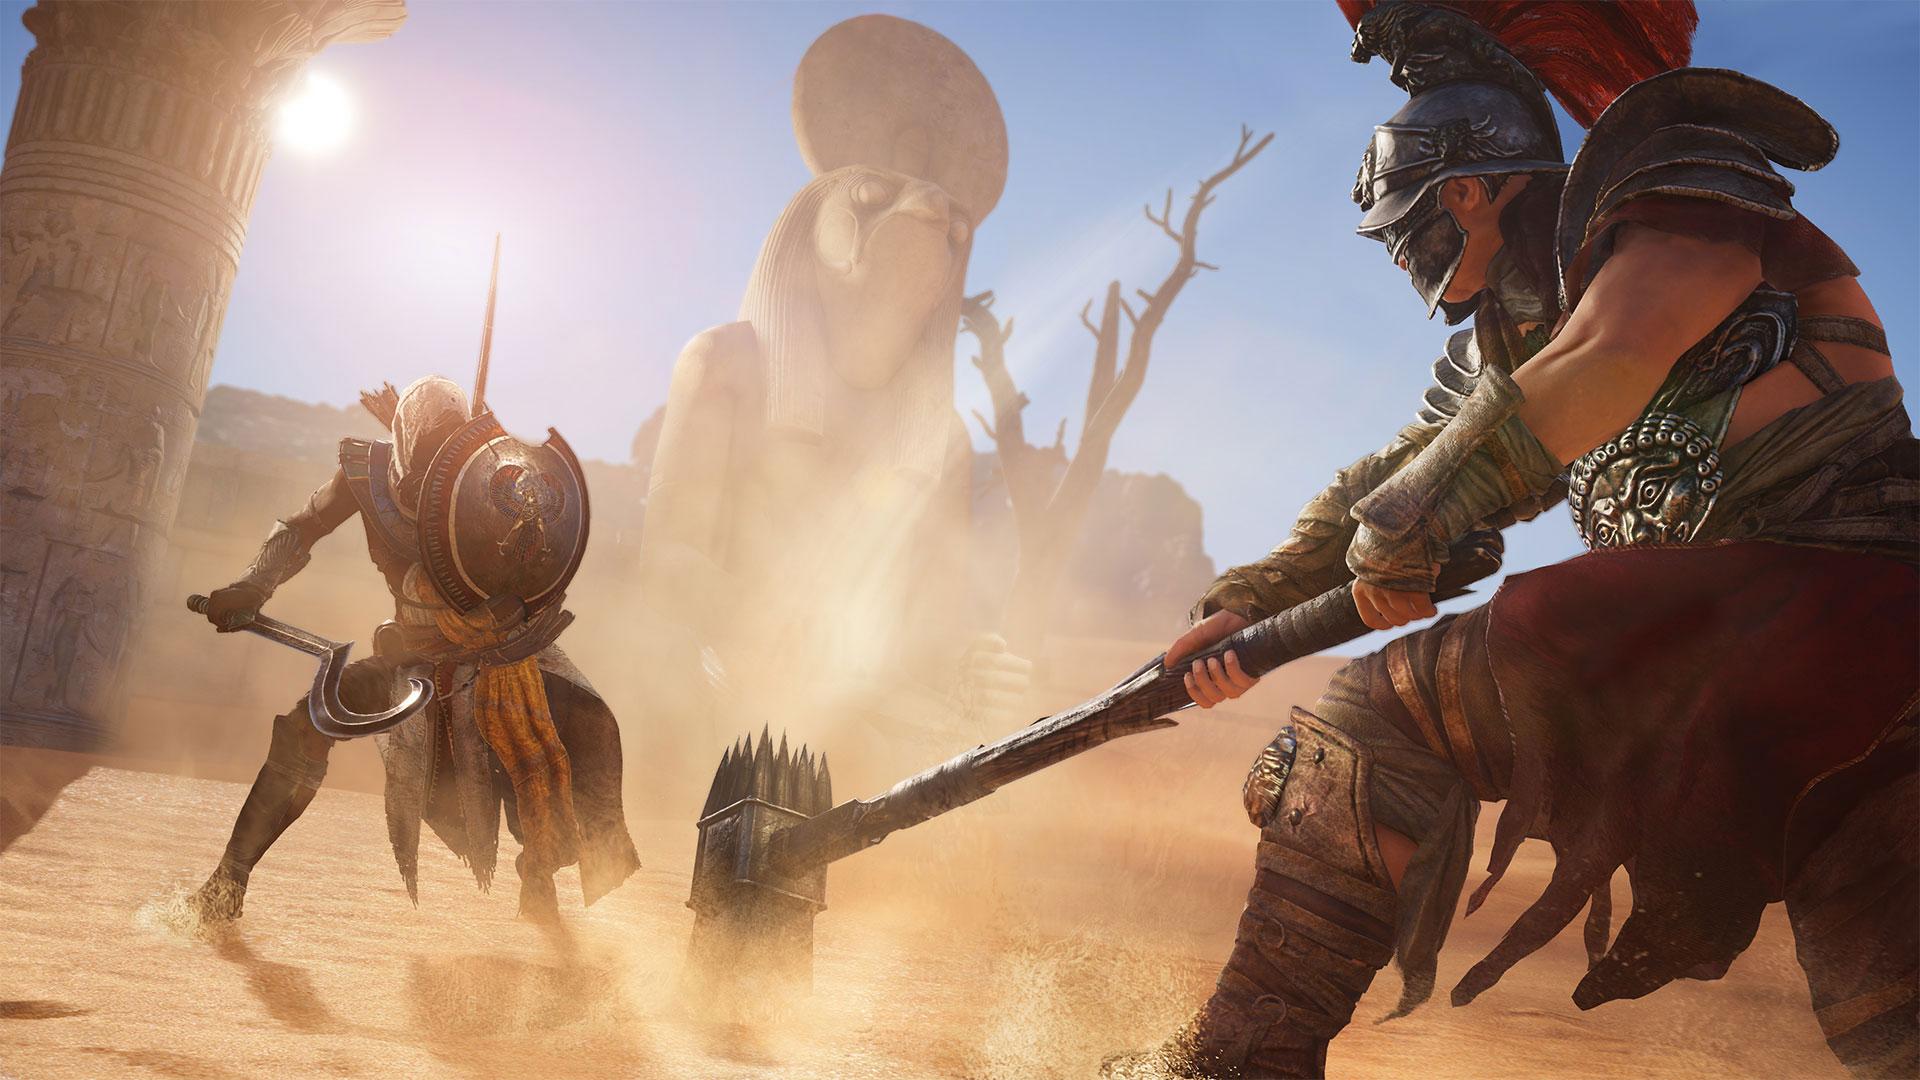 Взгляните на гладиаторскую экипировку в Assassin's Creed: Origins